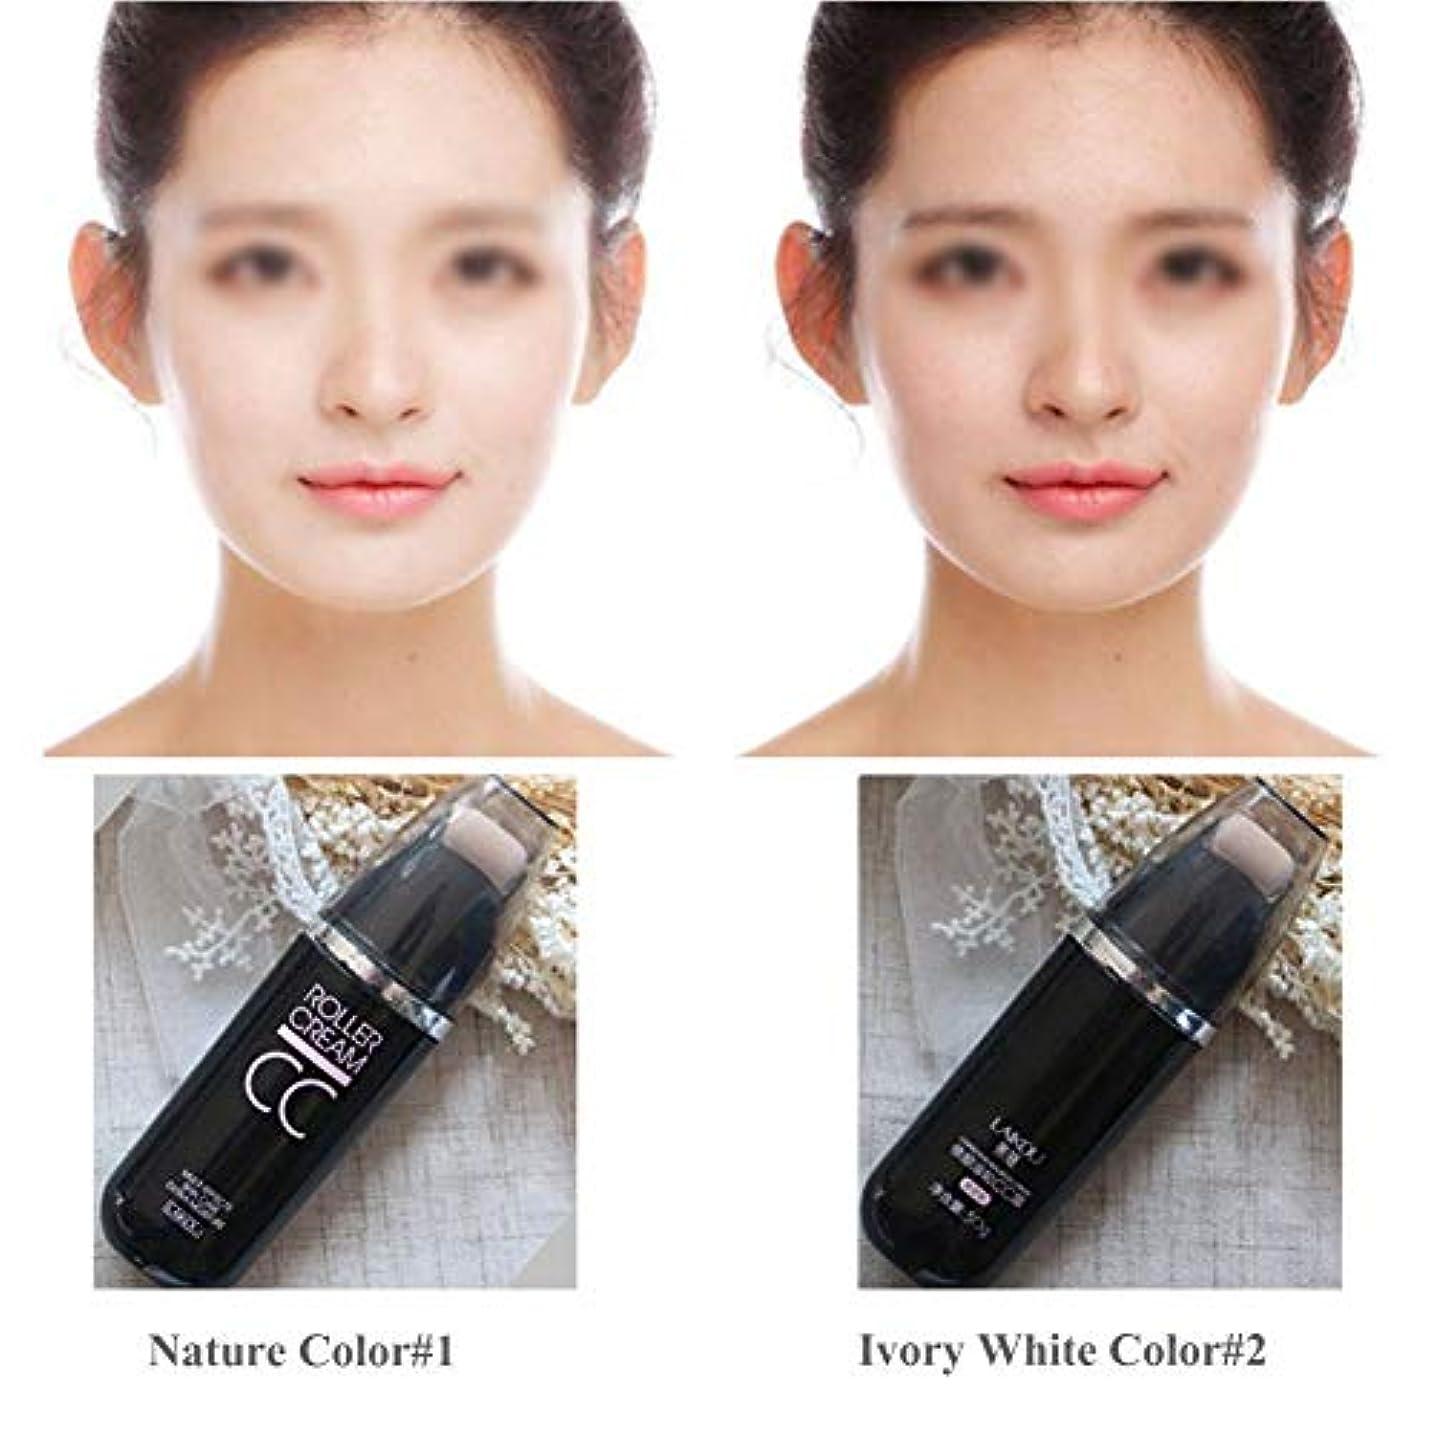 角度リード建設化粧ベース、BBクリームエアクッションBBクリームは肌を明るくし、シミや毛穴を覆い、絶妙な外観を作り出します。防水コンシーラーファンデーション(#2)